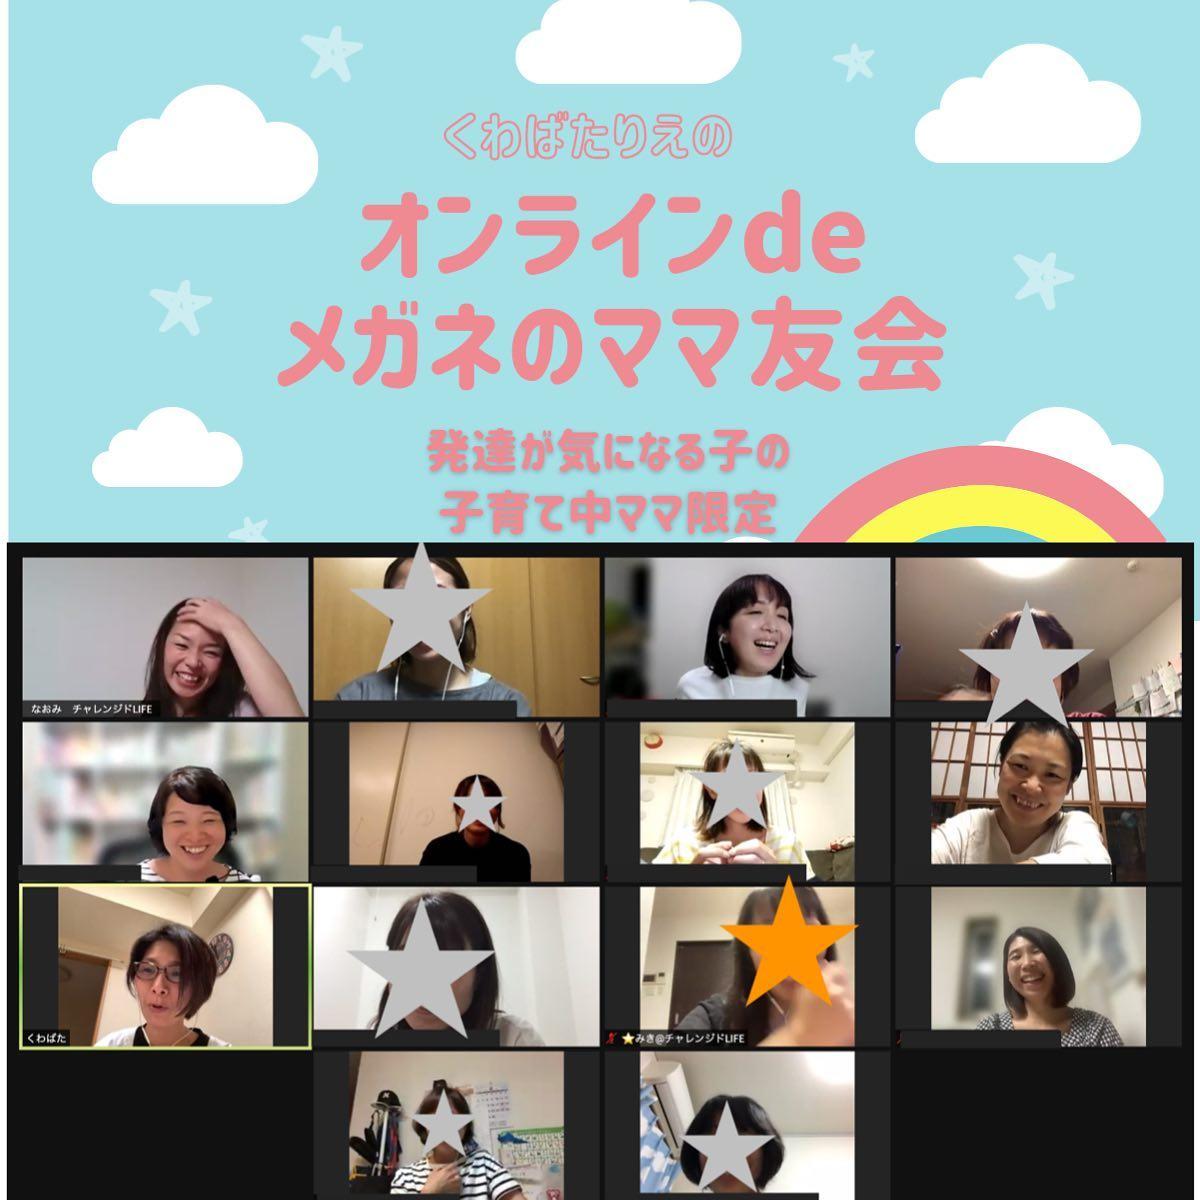 6月18日開催!くわばたりえさんのオンラインdeメガネのママ友会